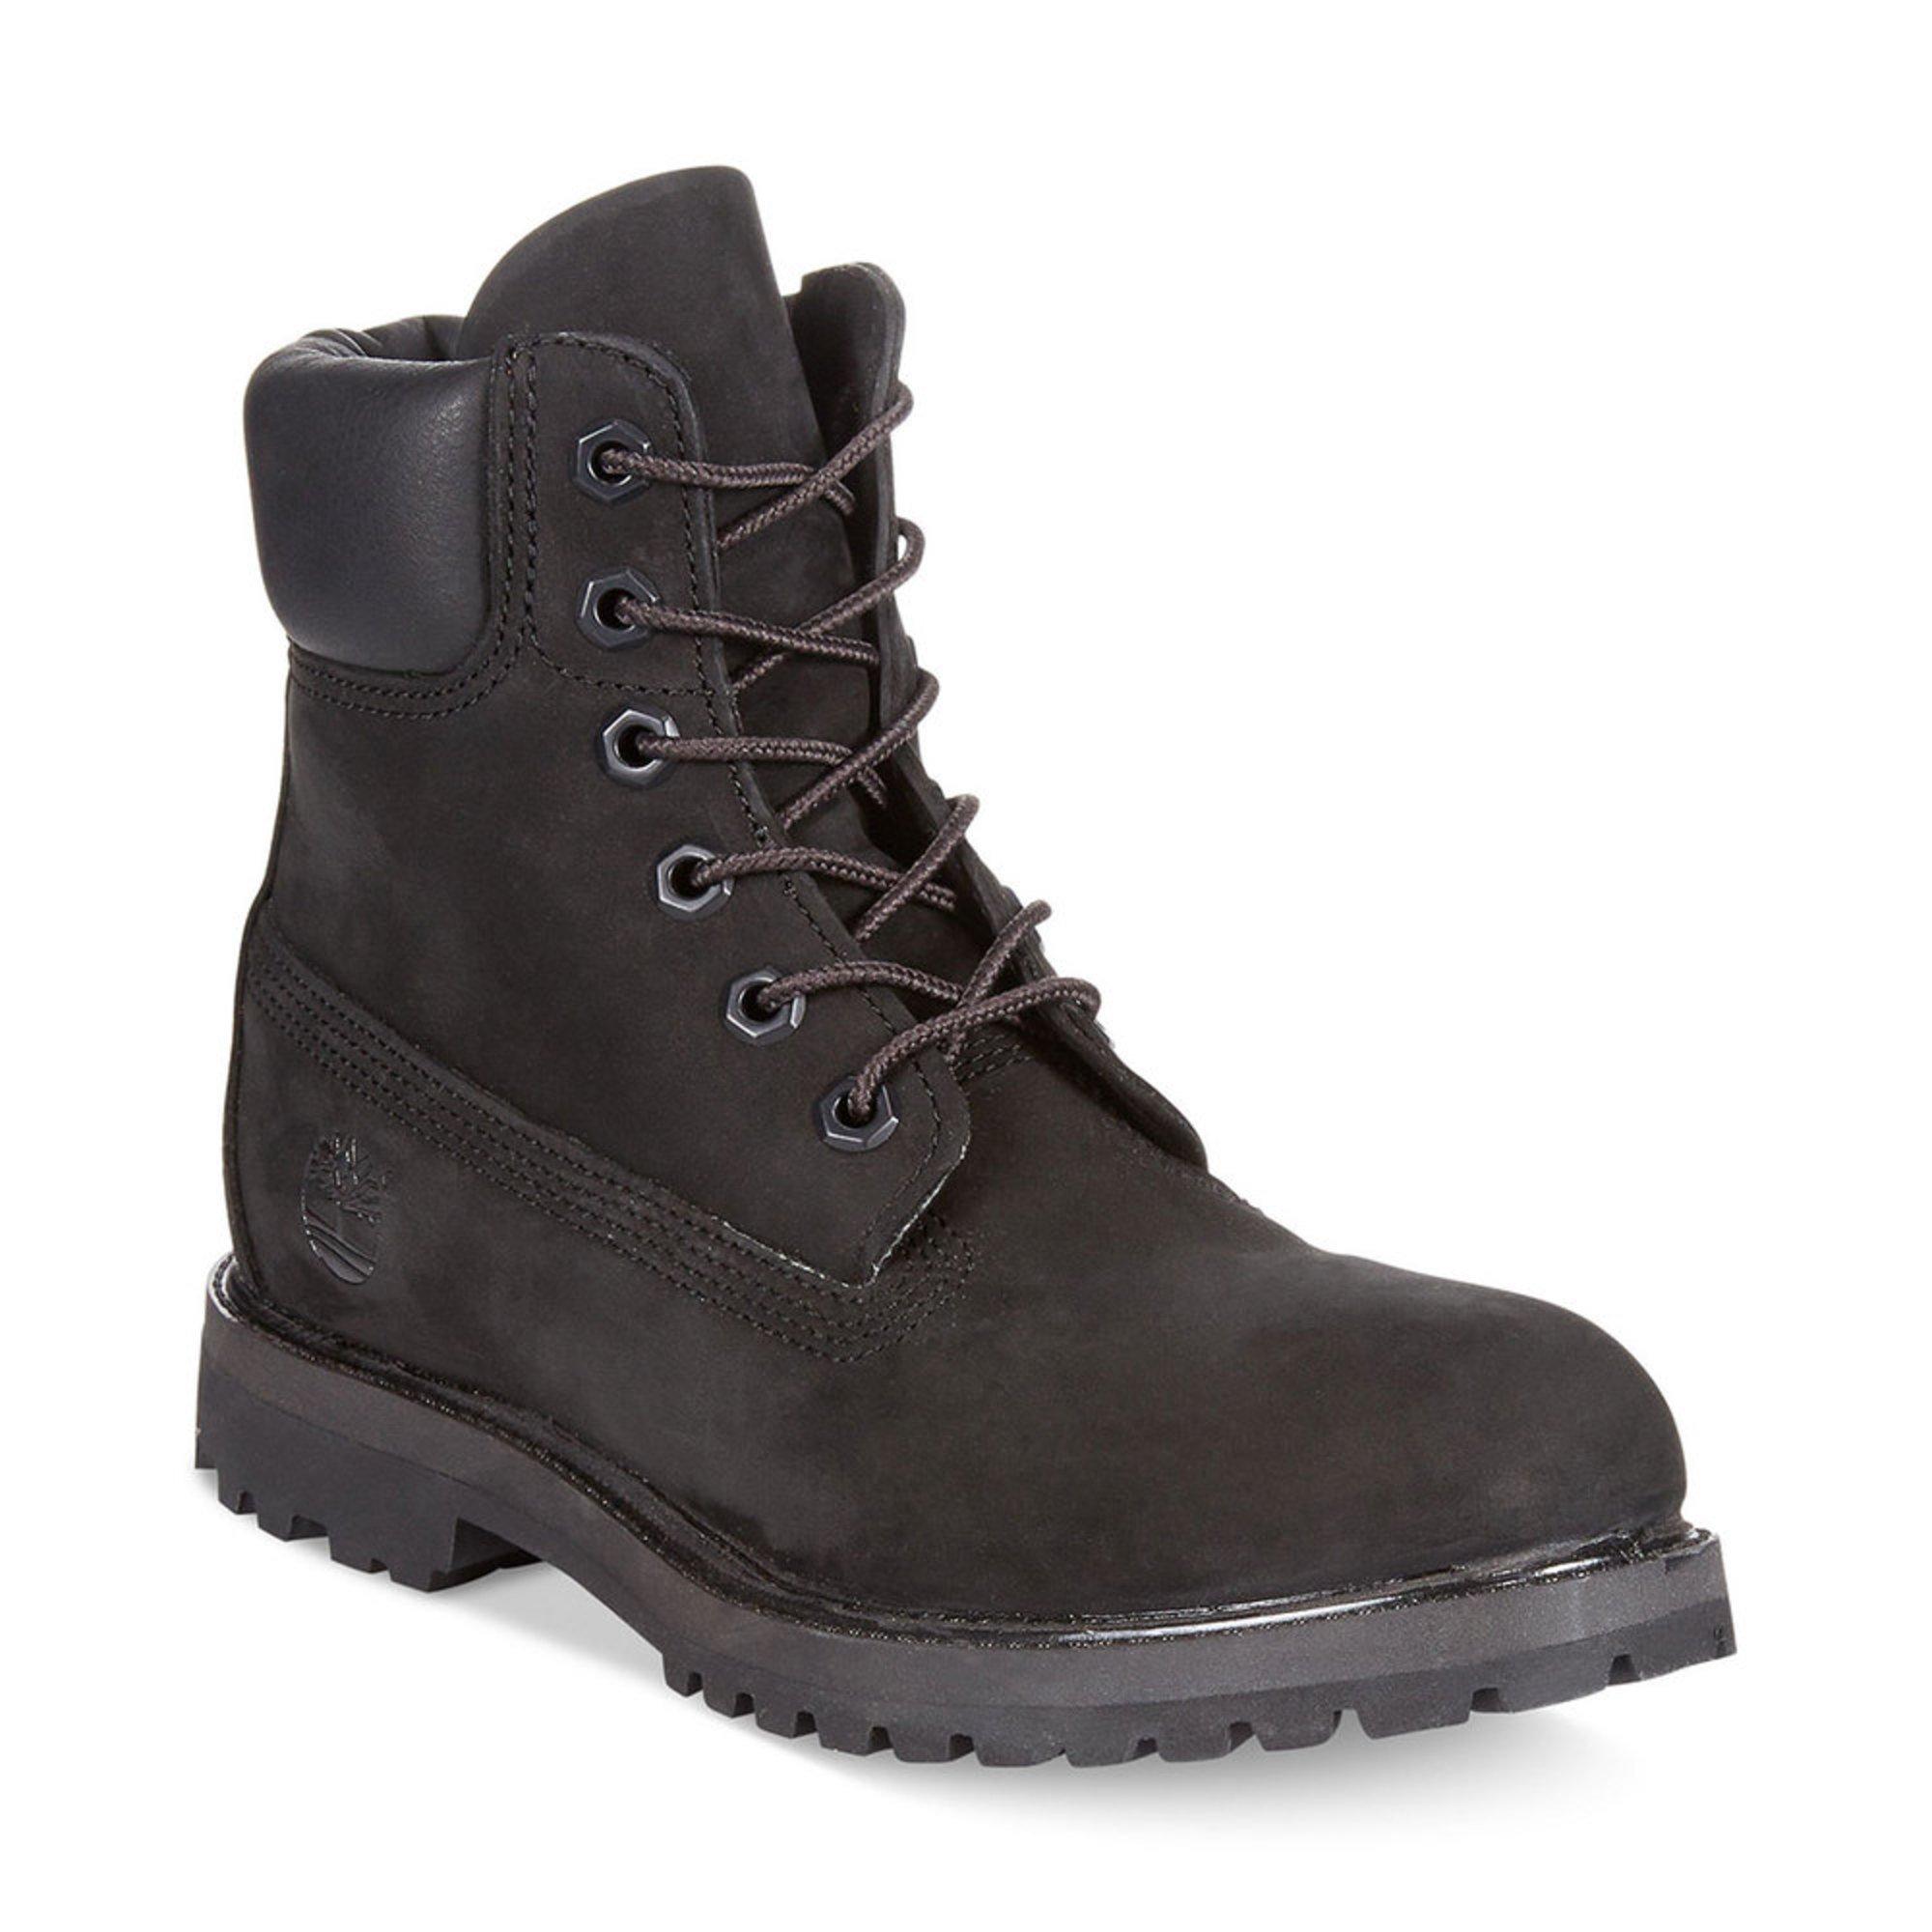 2377aa9fe2e6 Timberland. Timberland Women s 6 Inch Premium Women s Boot